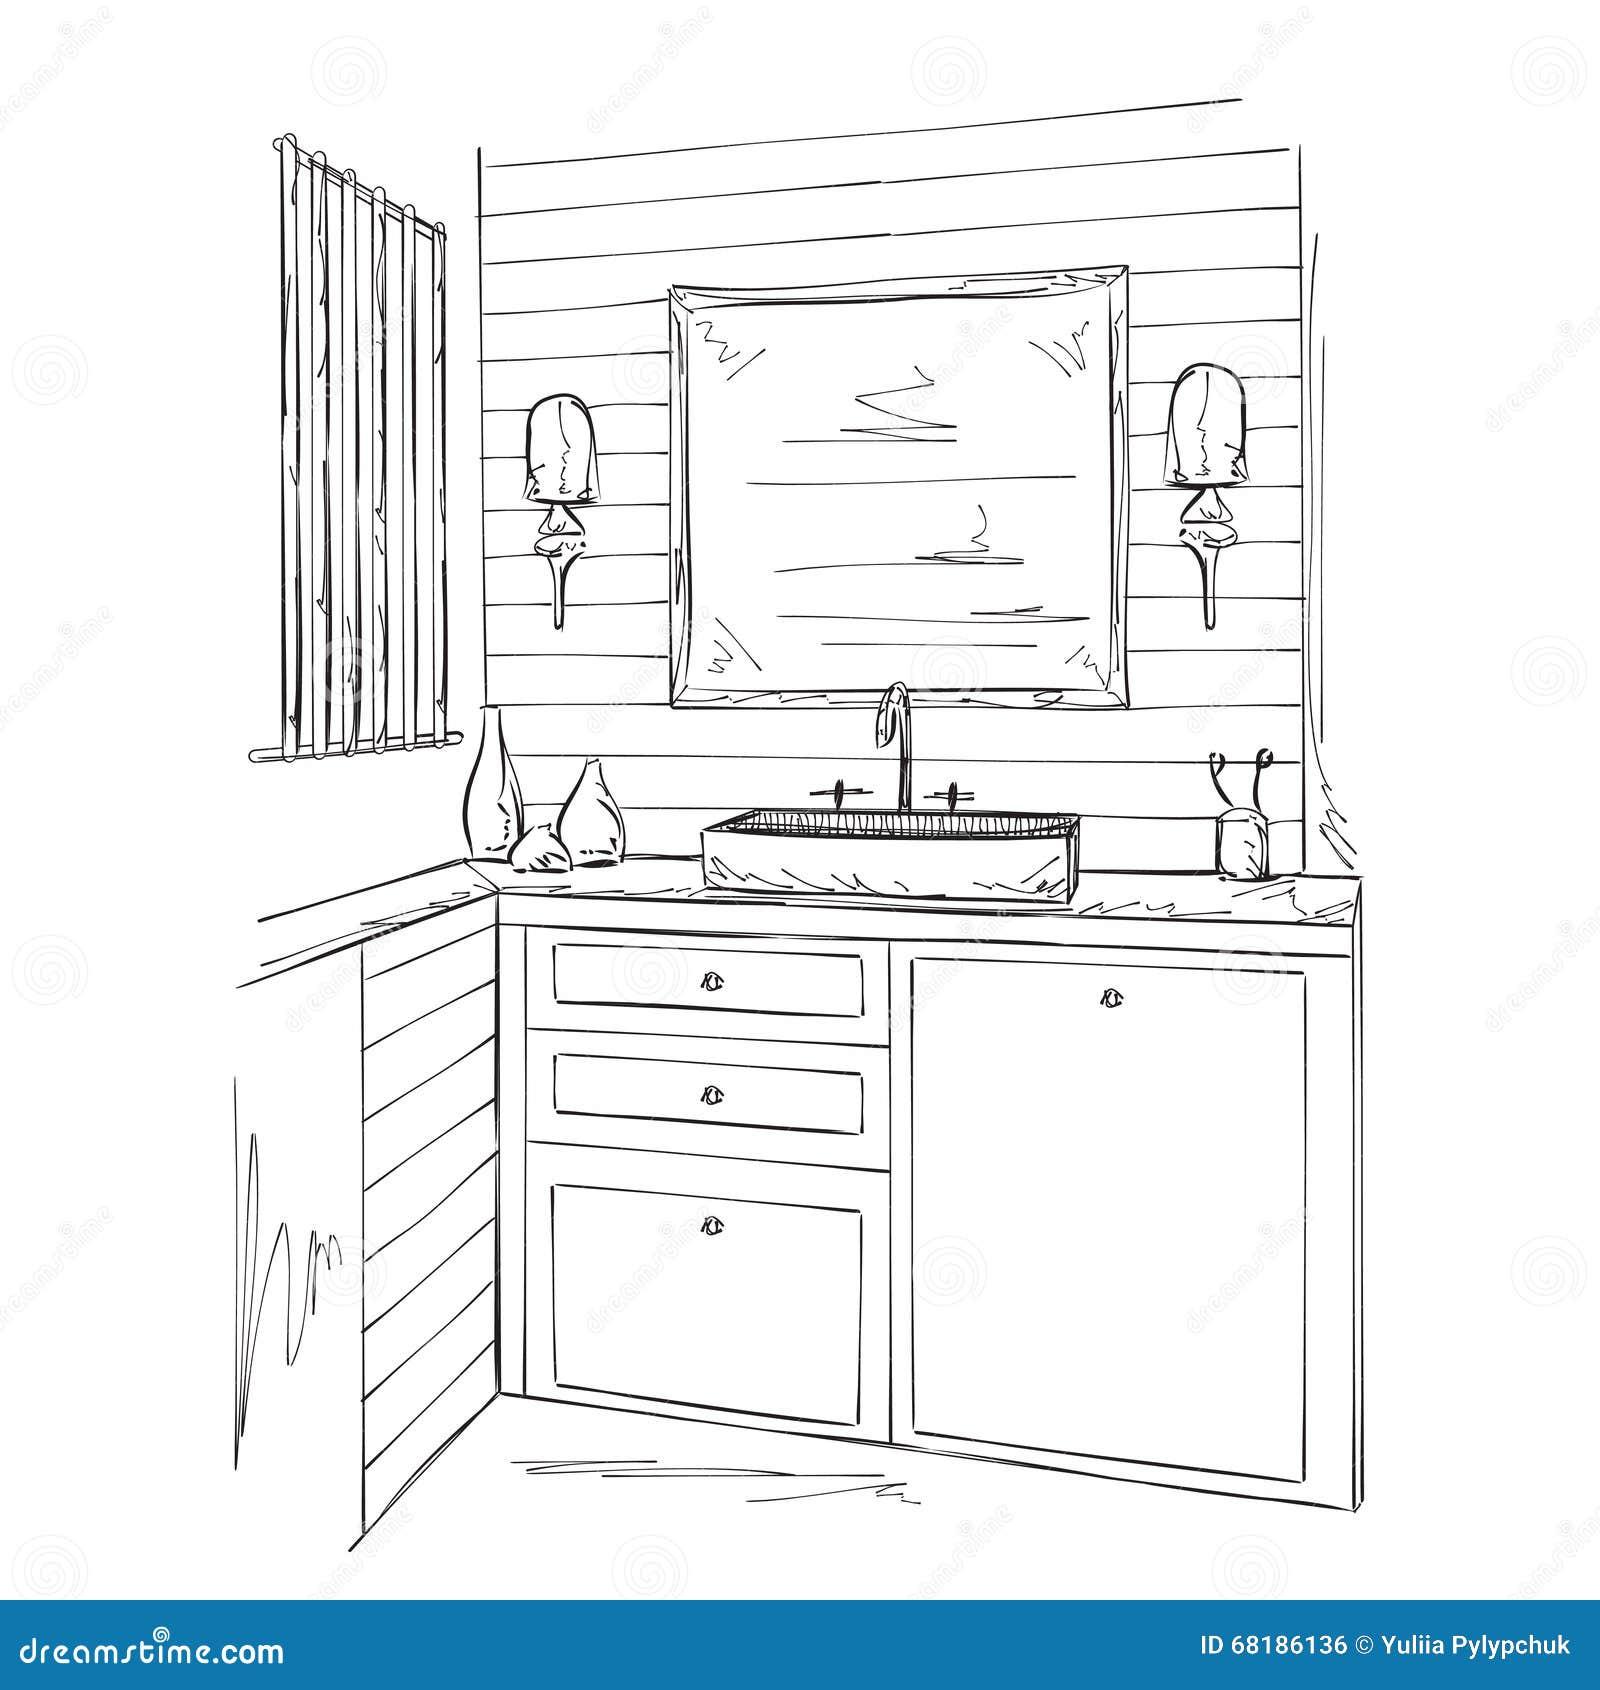 Croquis int rieur d 39 l ments de salle de bains for Croquis de salle de bain